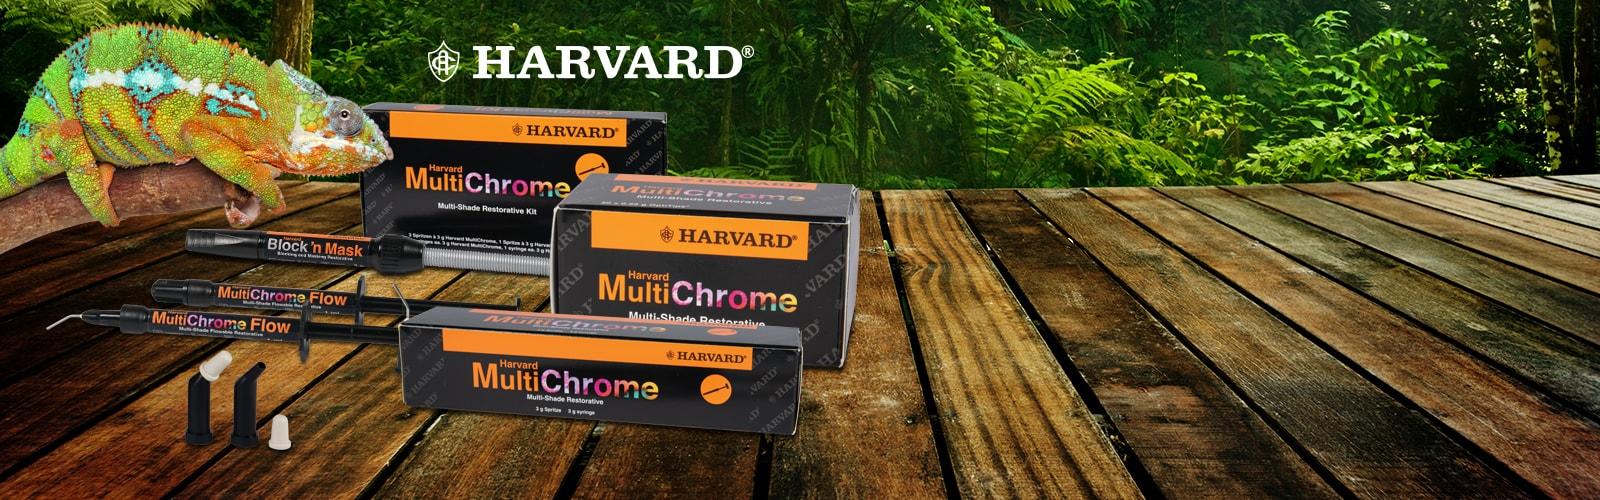 Das Harvard MultiChrome Sortiment